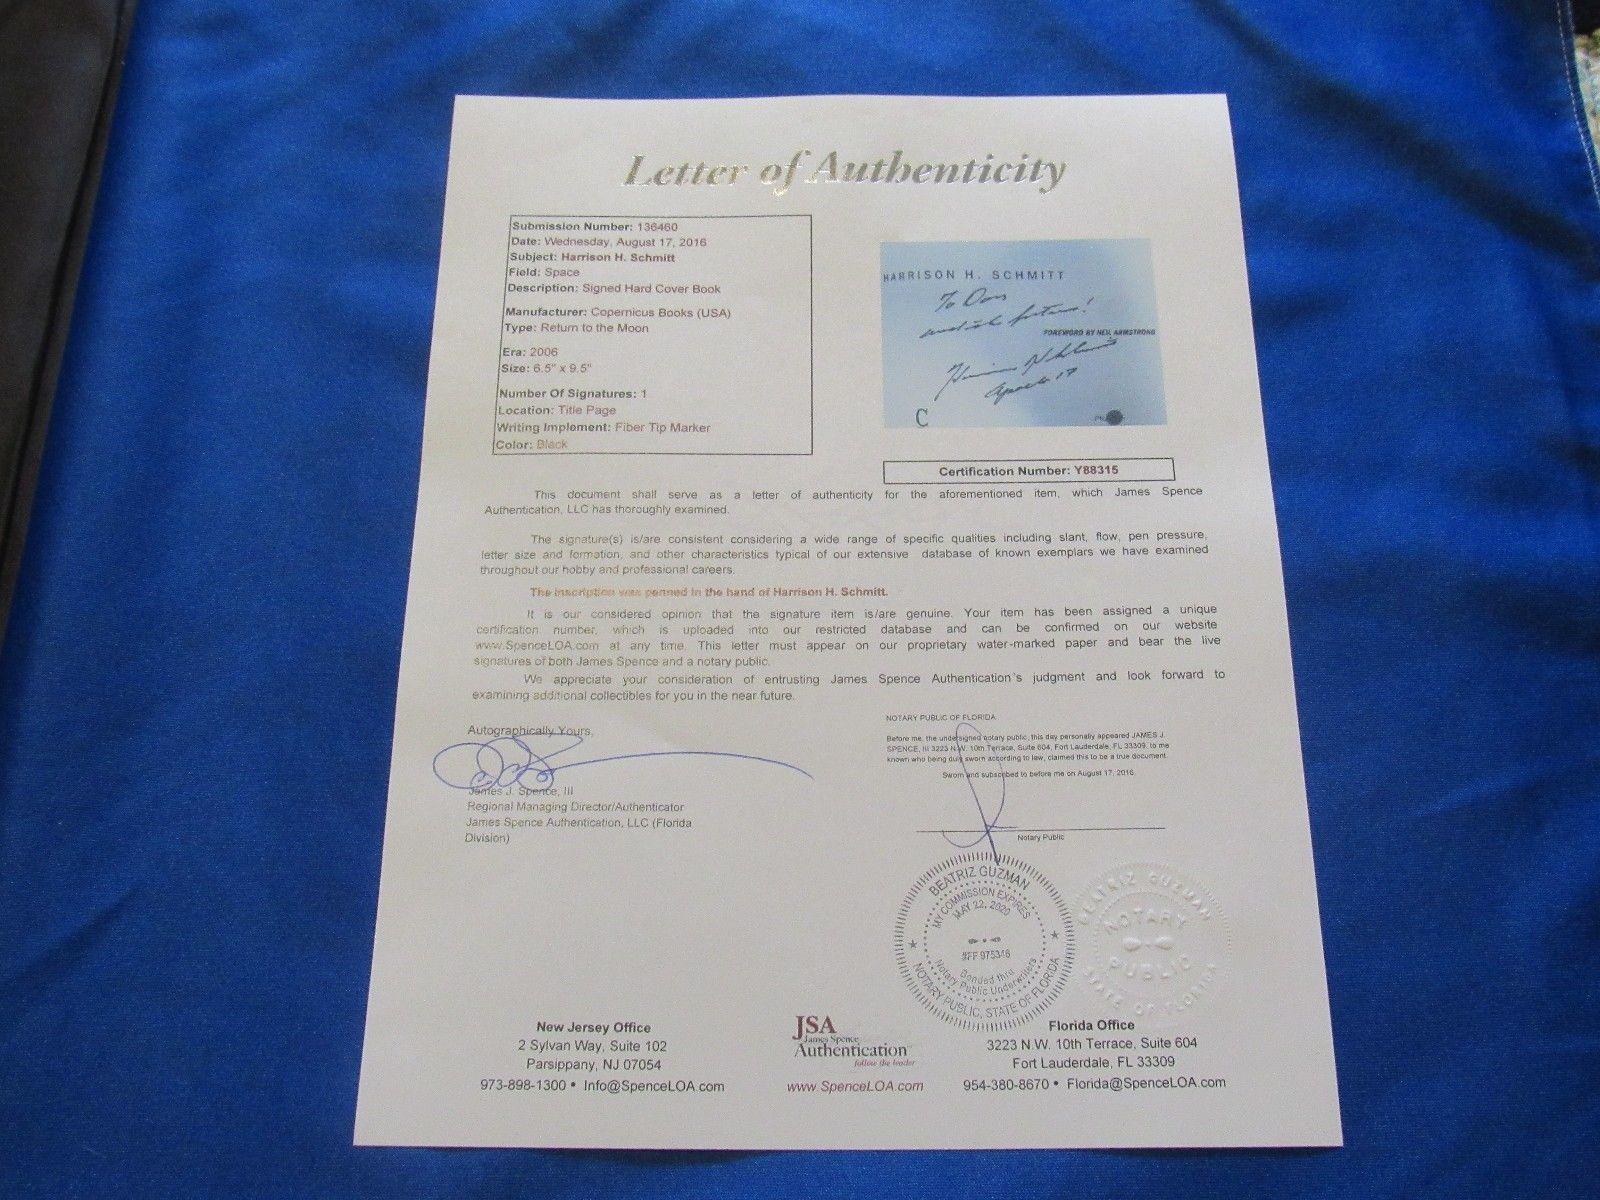 HARRISON SCHMITT APOLLO 17 ASTRONAUT SIGNED AUTO RETURN TO THE MOON BOOK JSA image 5